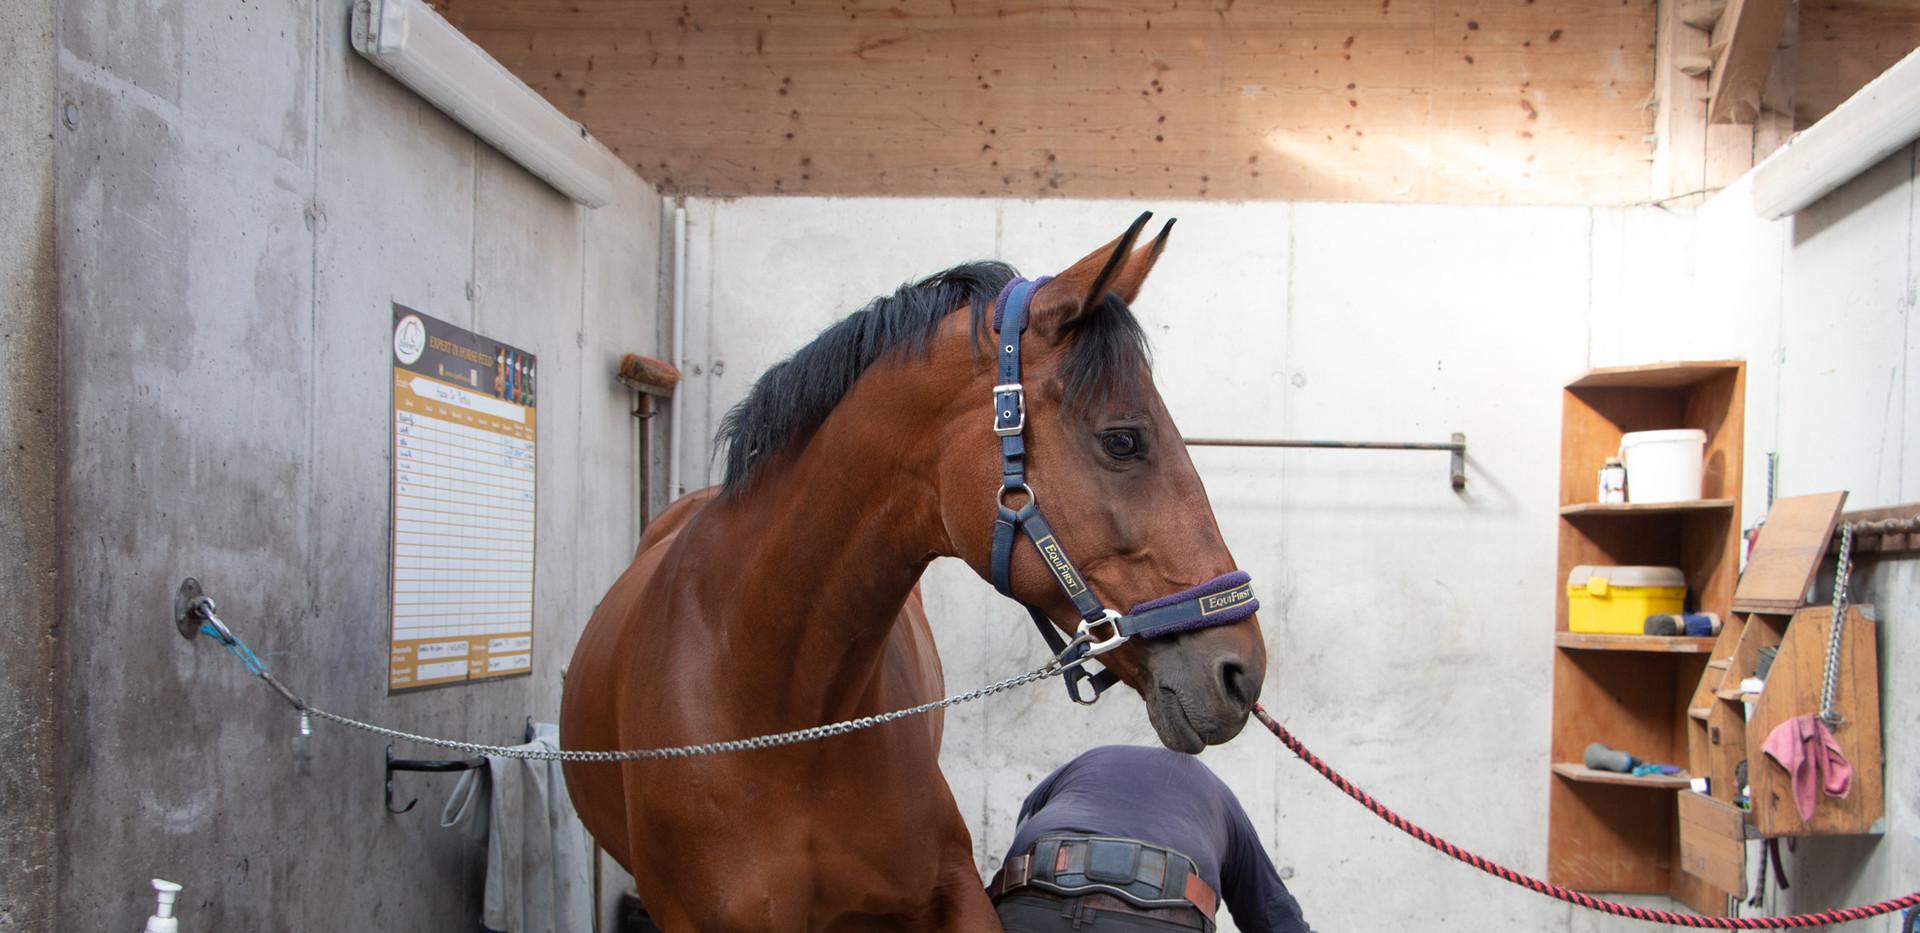 Aire de pansage pour les chevaux